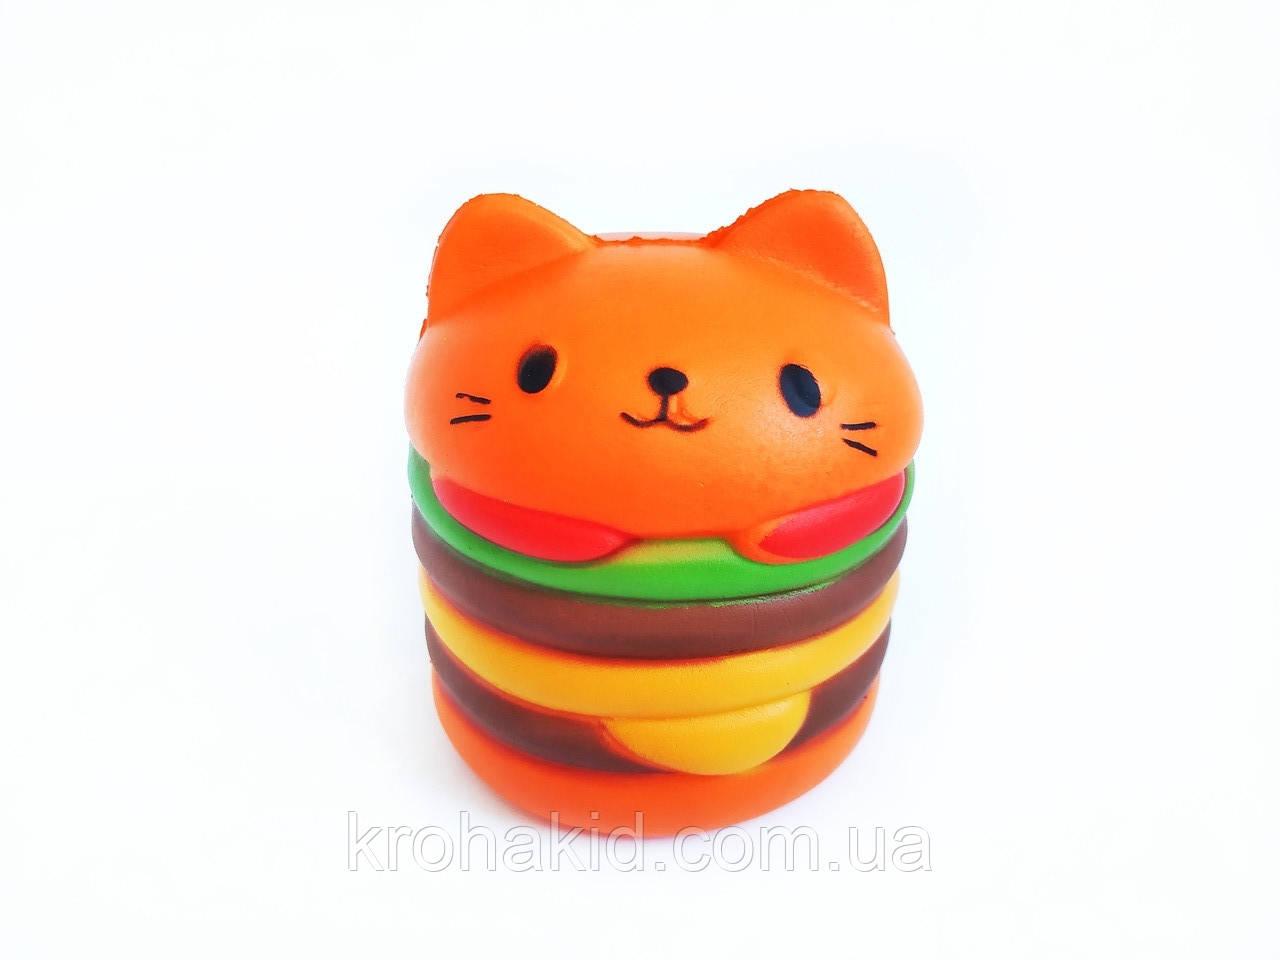 Сквиш кот-бургер / котобургер / кот-бутерброд / Сквуши / Игрушка-антистересс